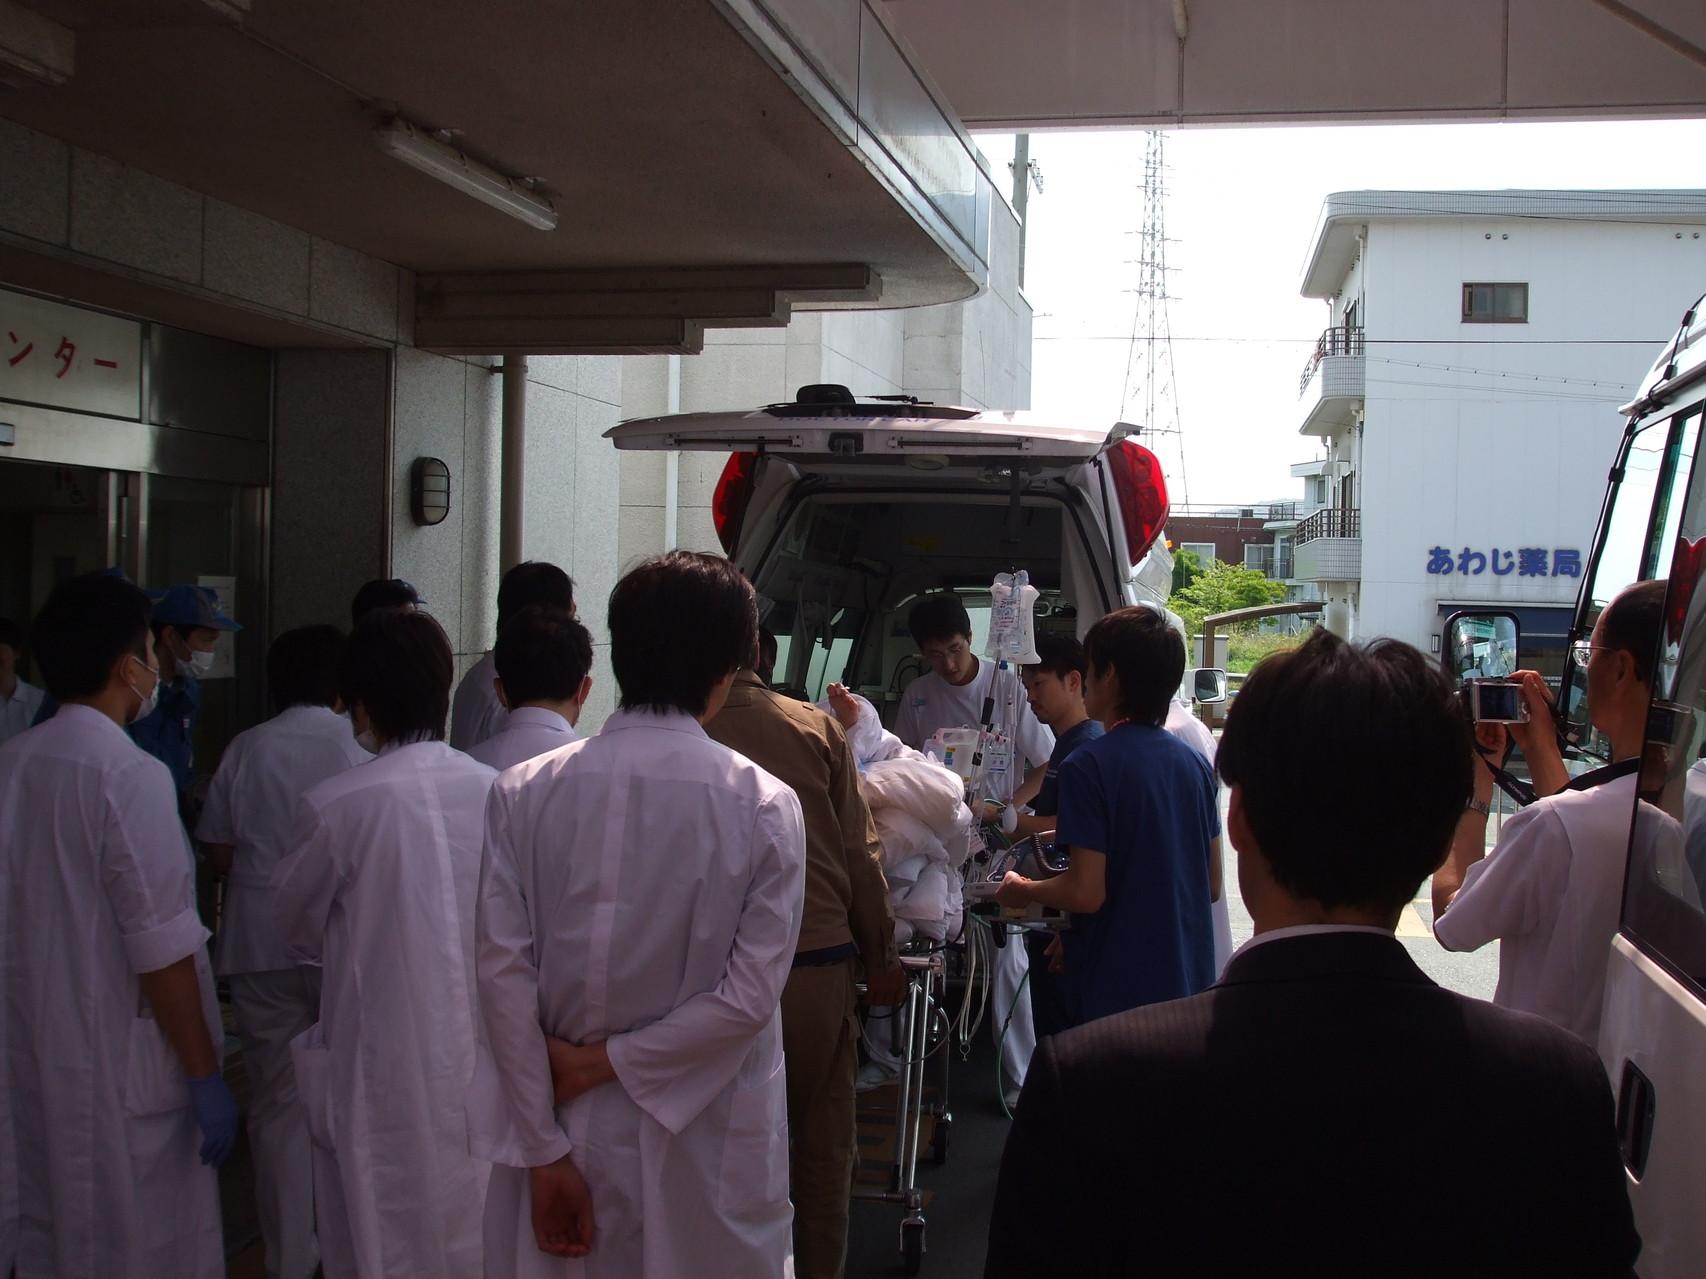 緊急を要する患者様を消防署の救急車で送り出す風景です。